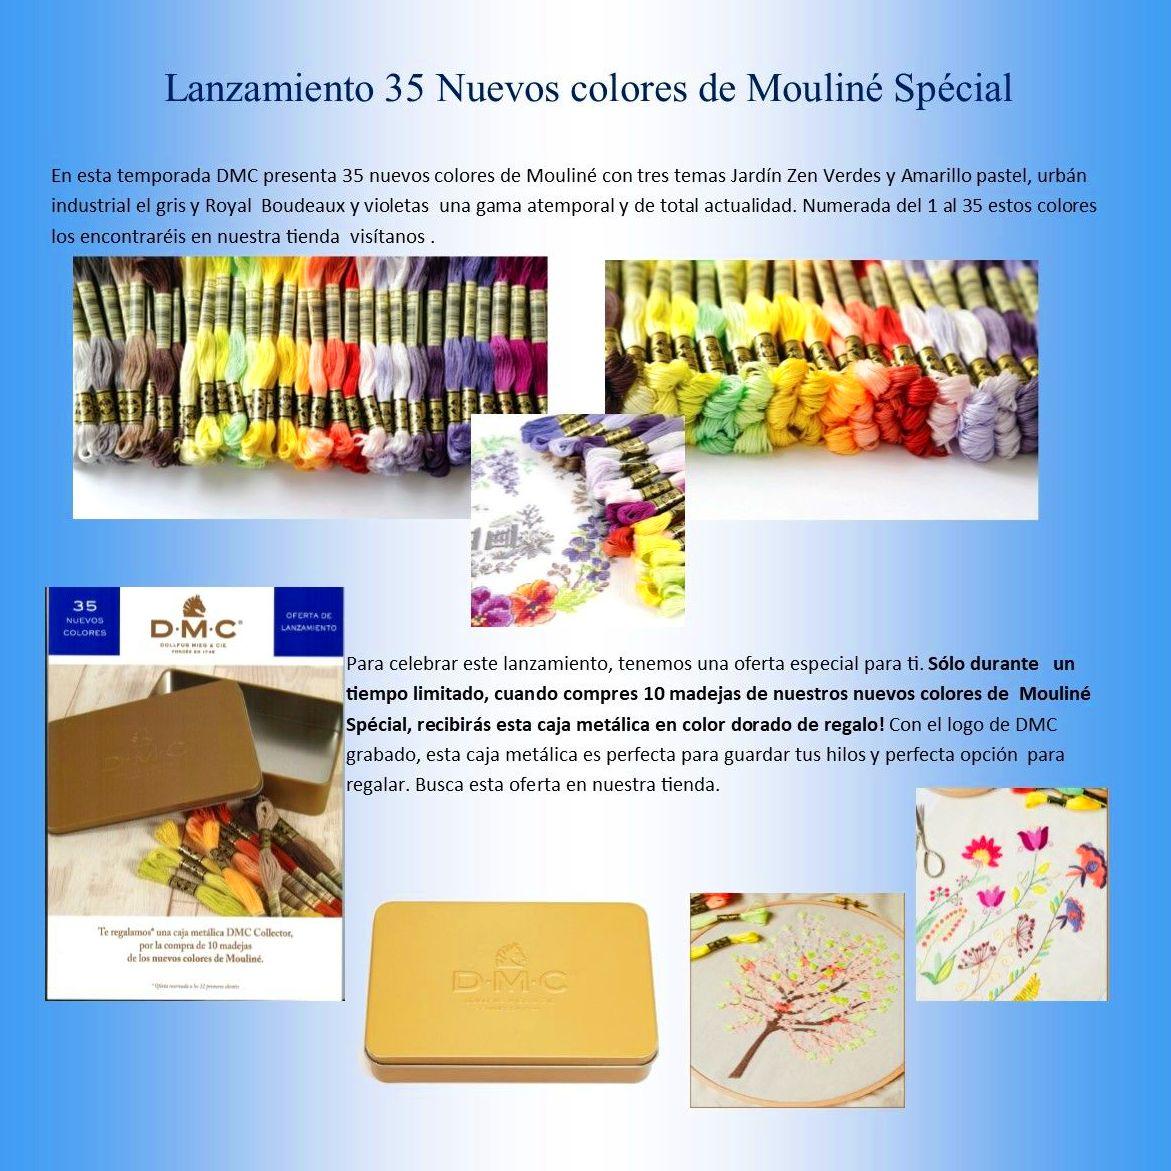 Lanzamiento 35 Nuevos colores de Mouliné Spécial